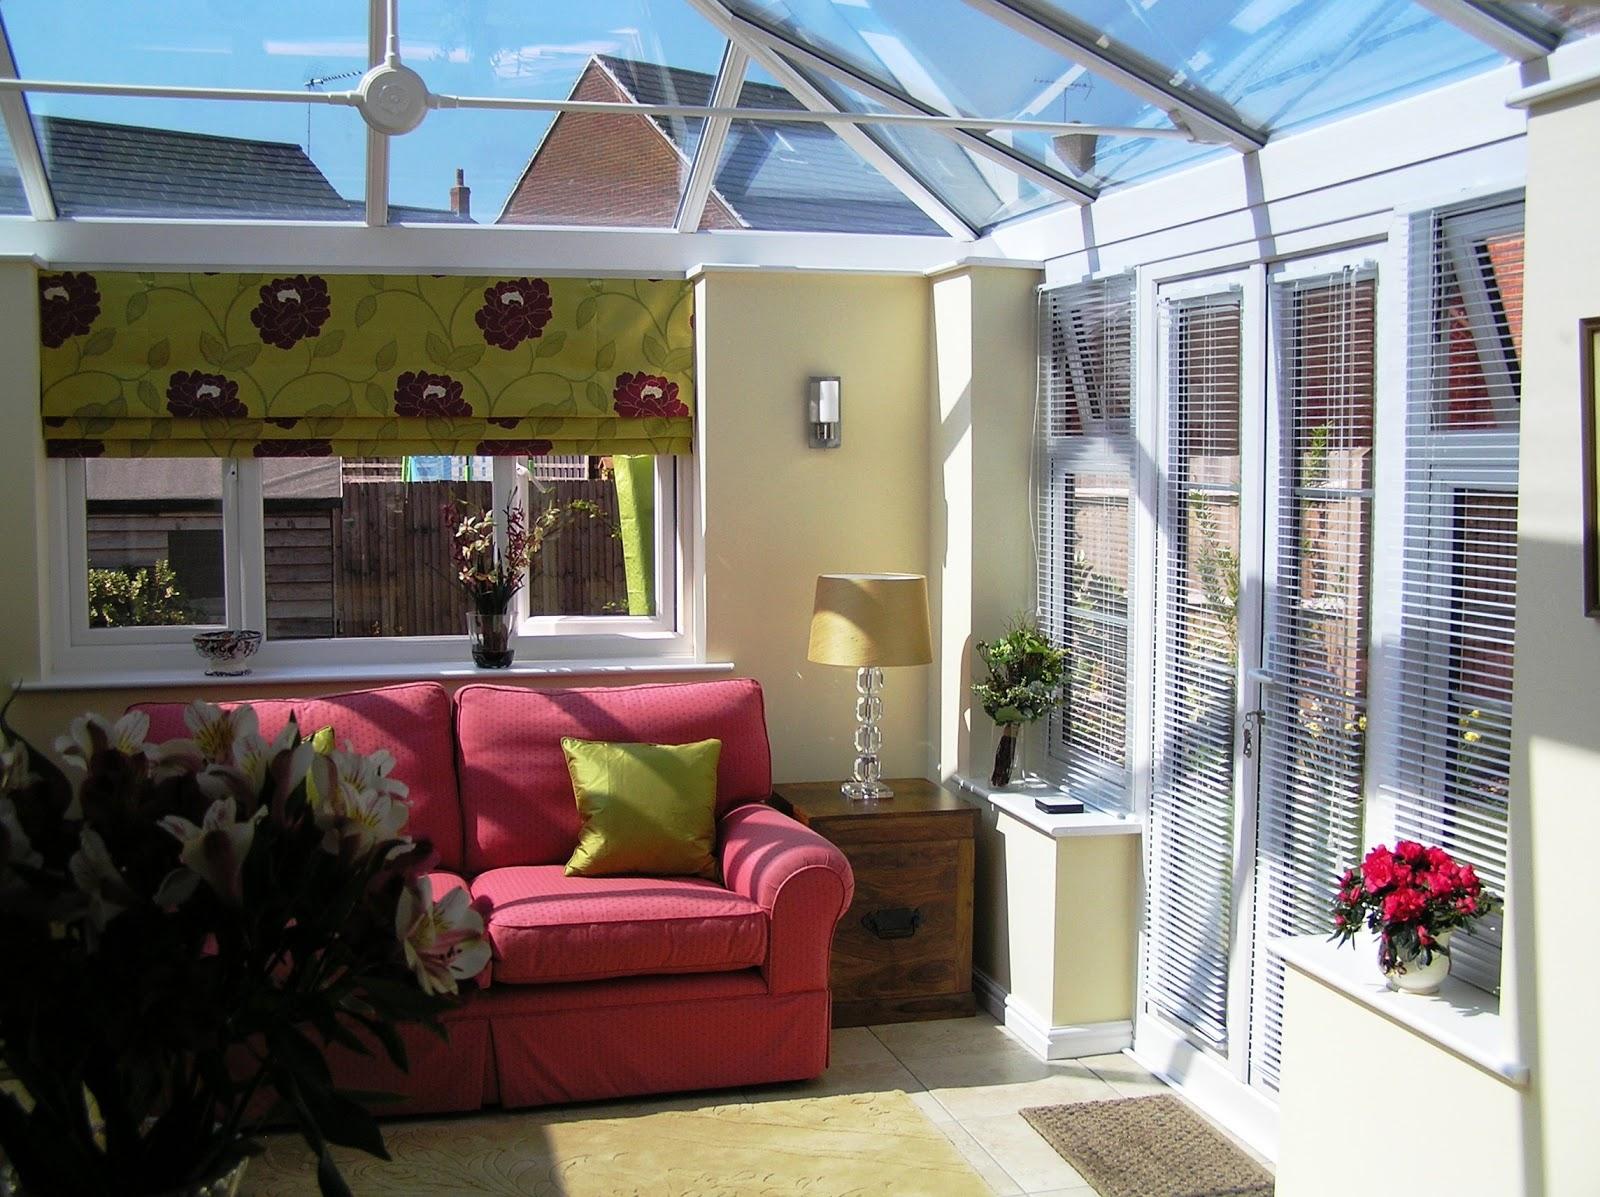 wintergarten preise wintergarten selber bauen was muss man noch bedenken. Black Bedroom Furniture Sets. Home Design Ideas